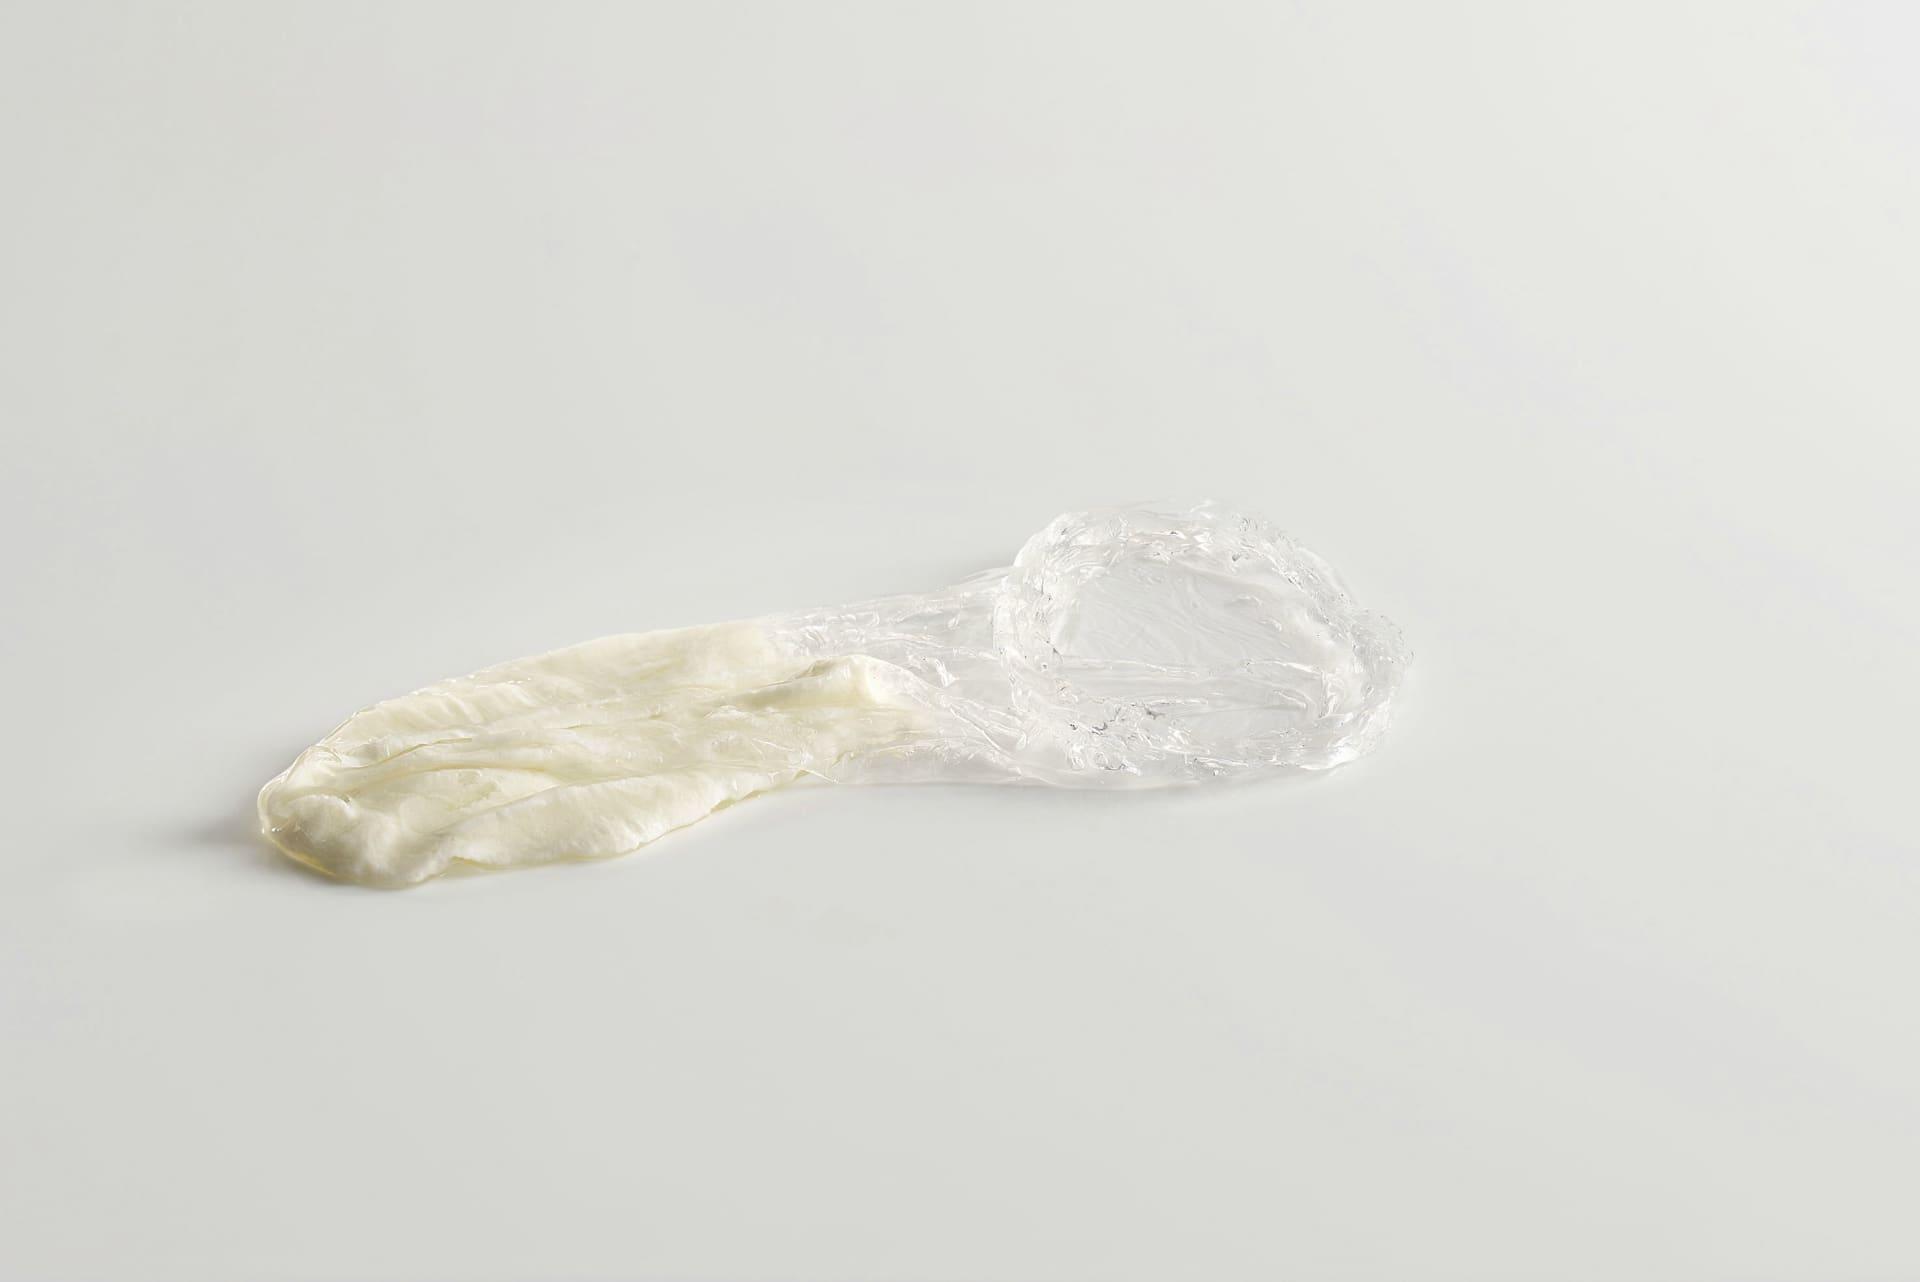 Lactic rubber(2017)